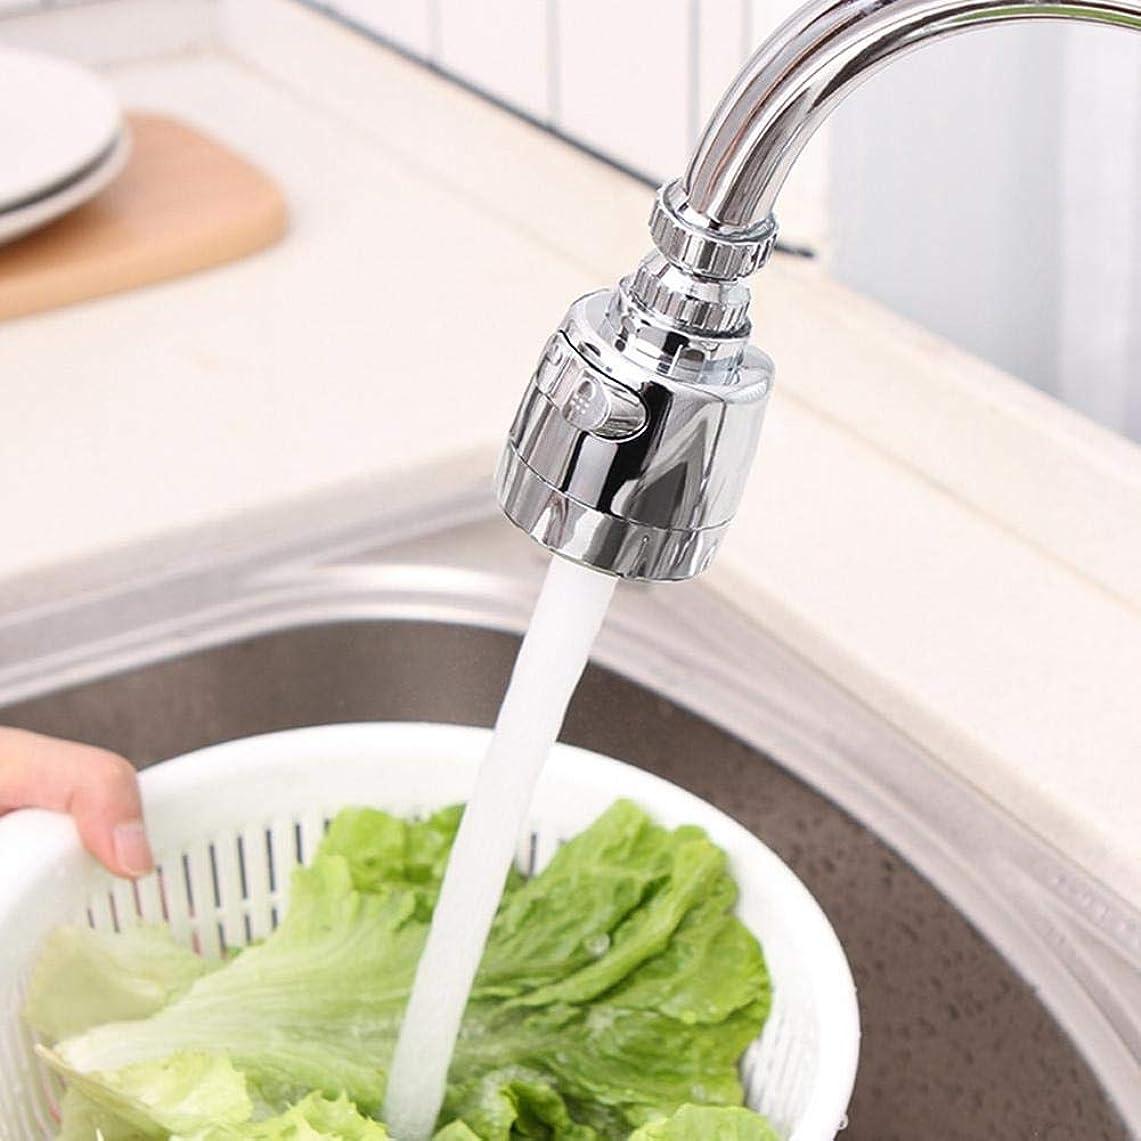 霜酸素コメントAllrightip Licentury-ホーム ノズル フィルター 蛇口 シャワー 蛇口変換 キッチン 節水 360度の回転 切り替え2段階モード 水漏れ防止 洗面台 浴室 thrifty